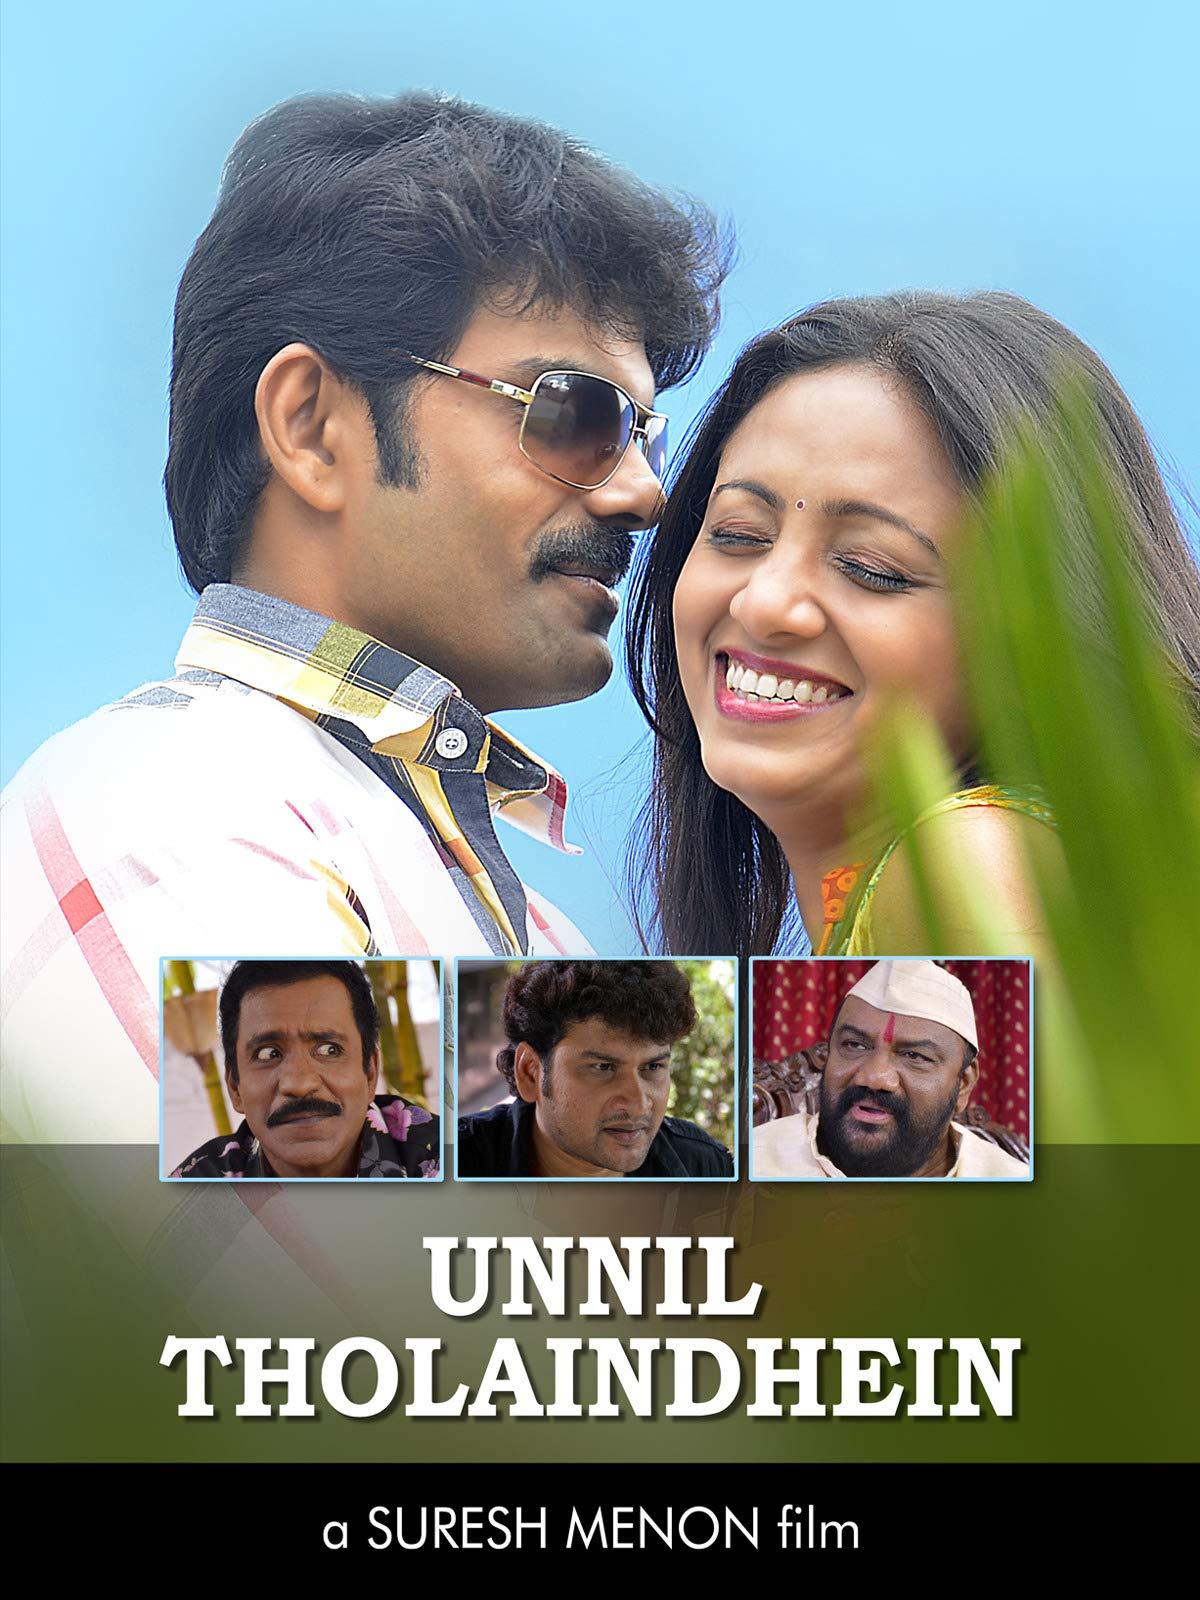 Unnil Tholaindhein